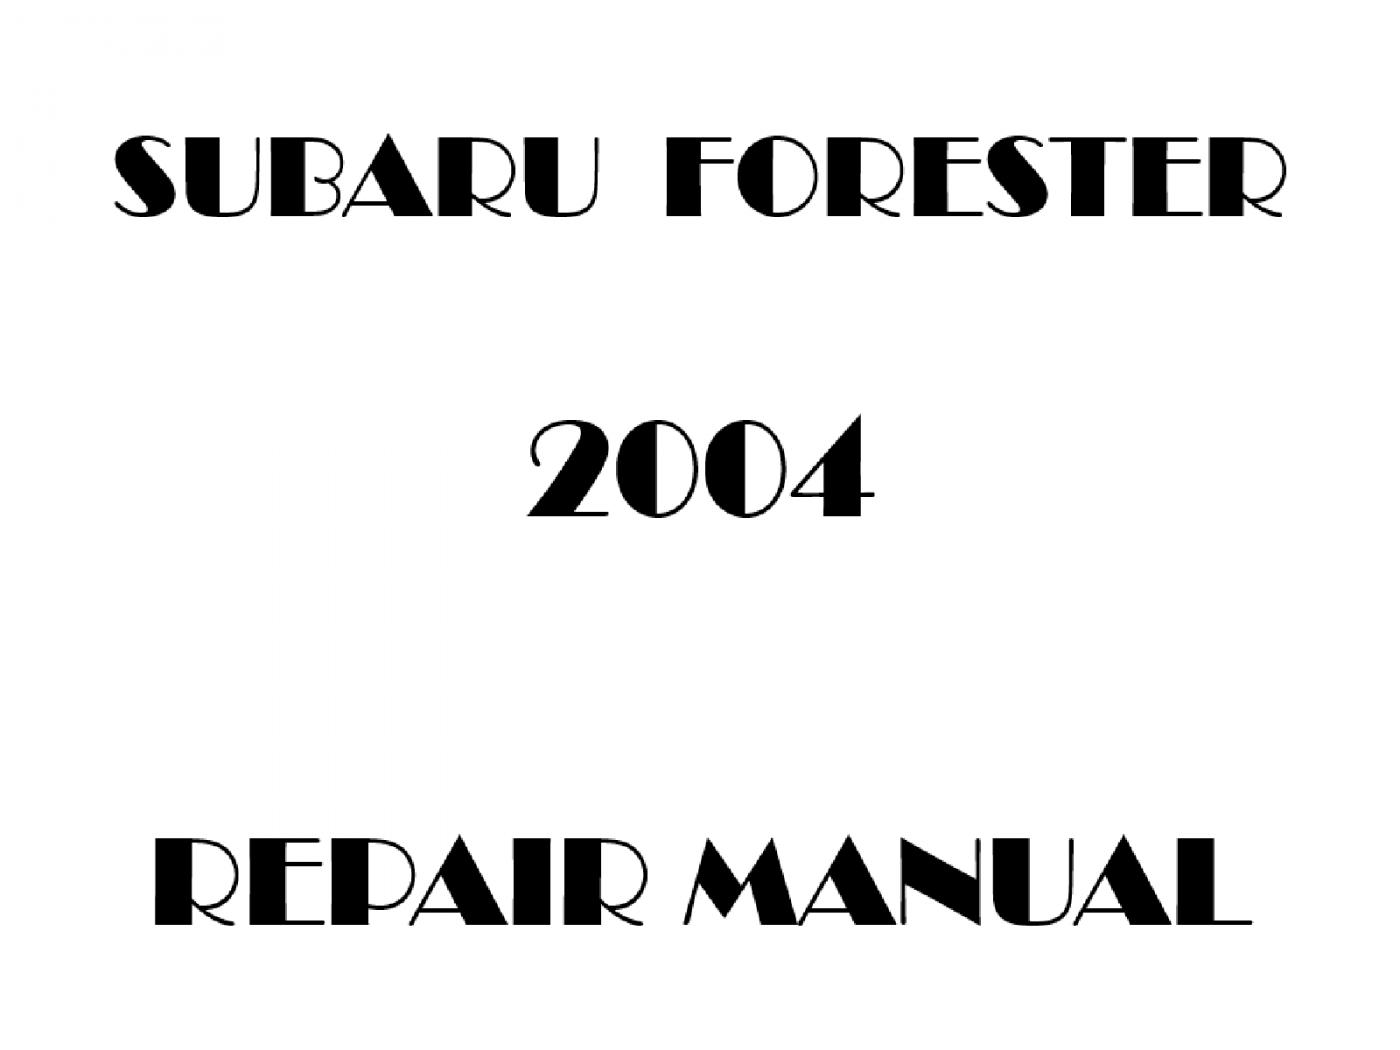 2004 Subaru Forester repair manual